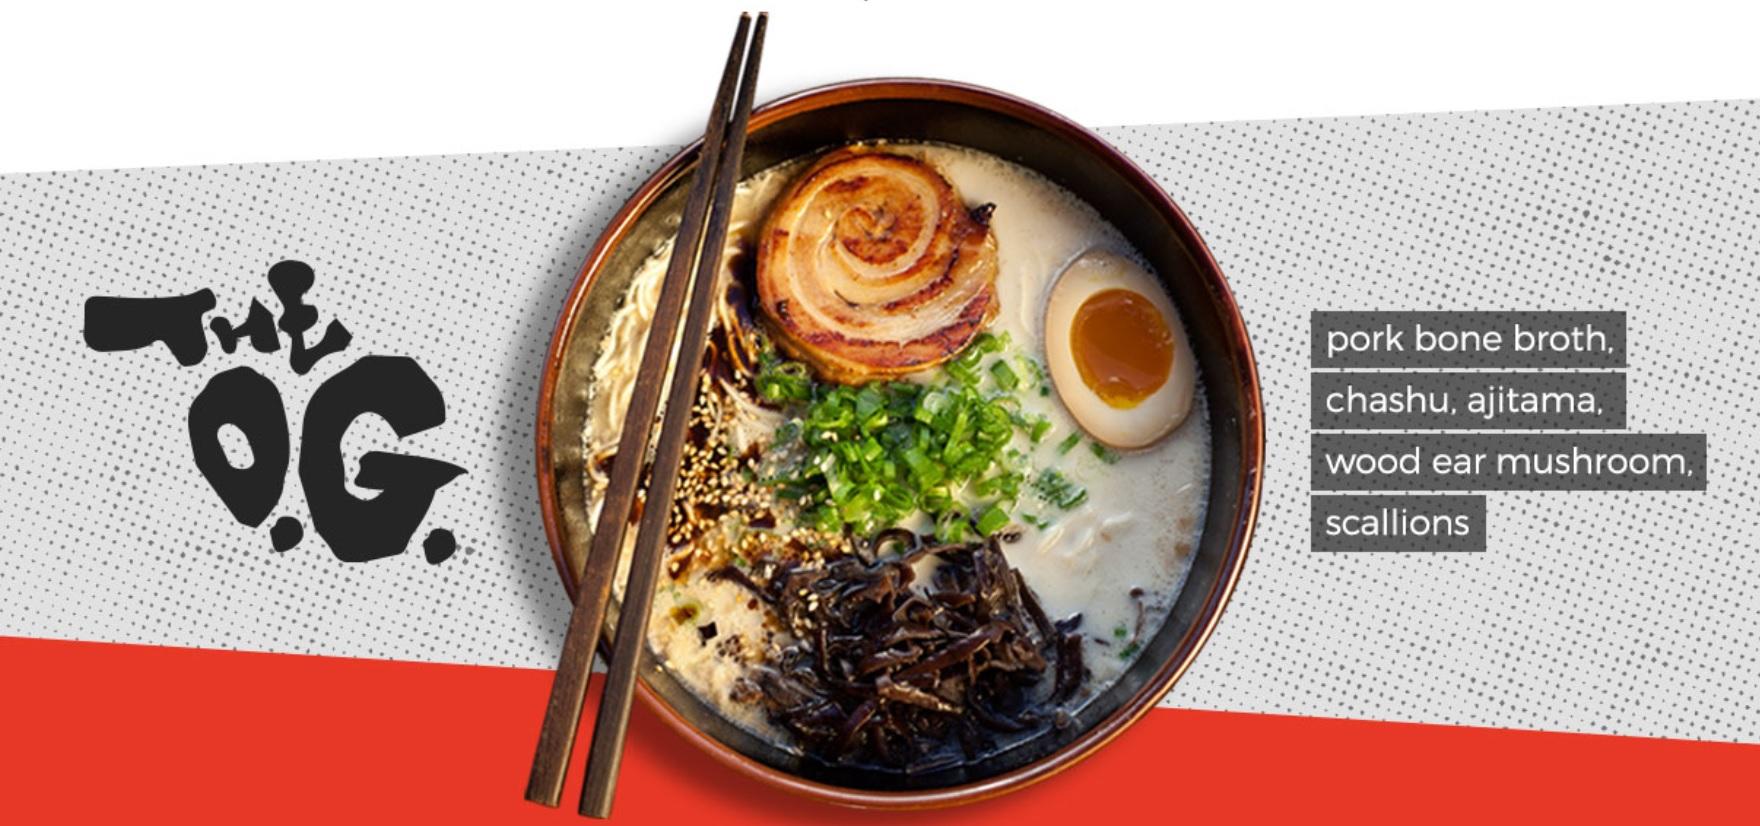 News atx ramen tatsu ya httpramen tatsuya fandeluxe Choice Image